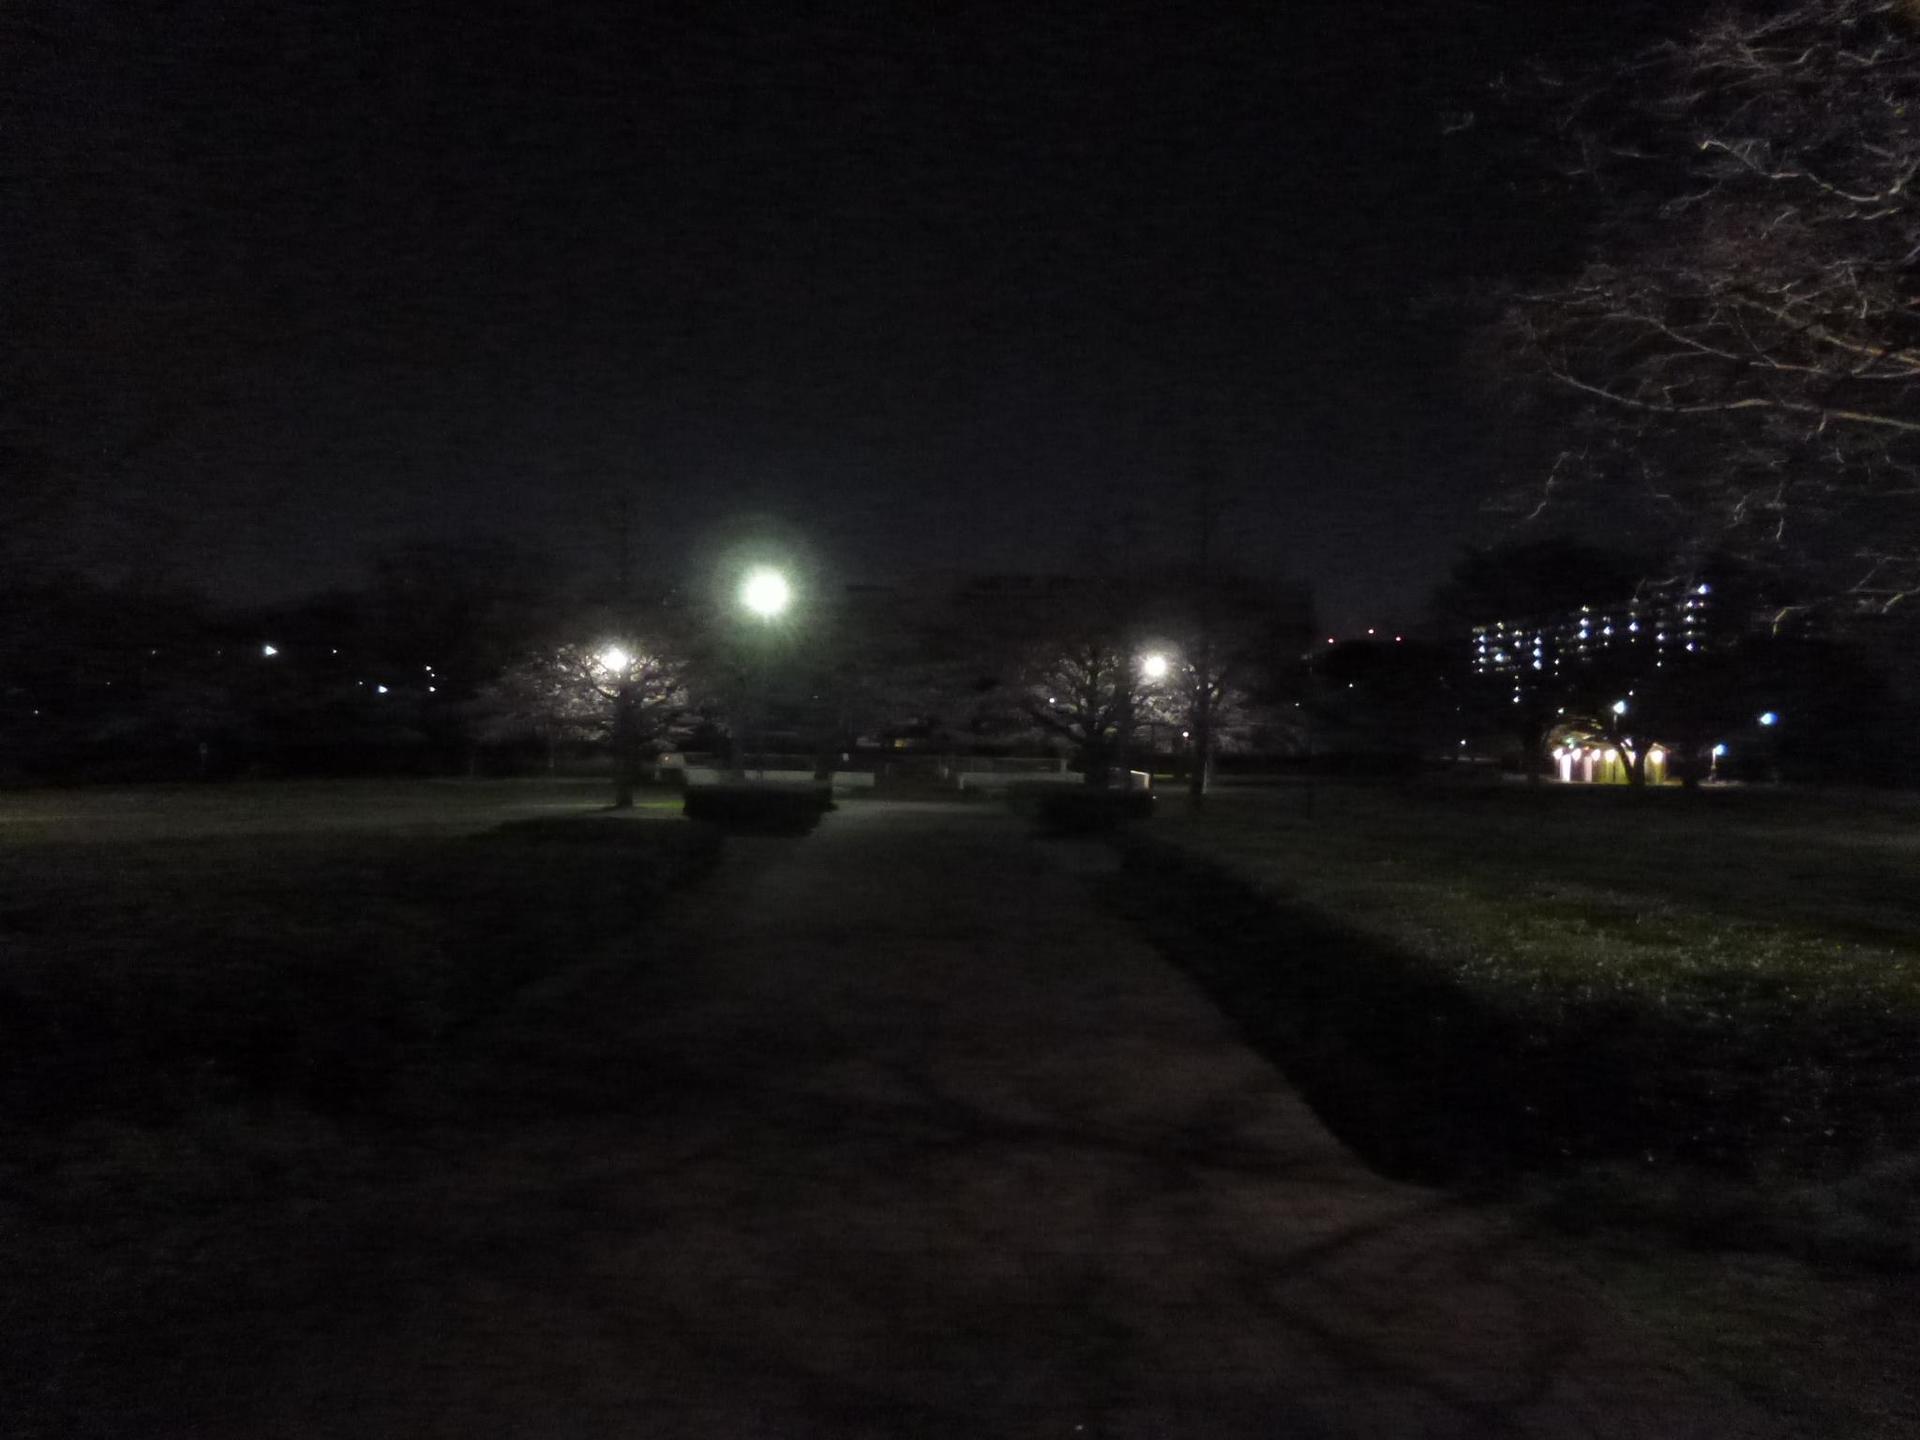 夜の亀戸中央公園B地区の東屋方向